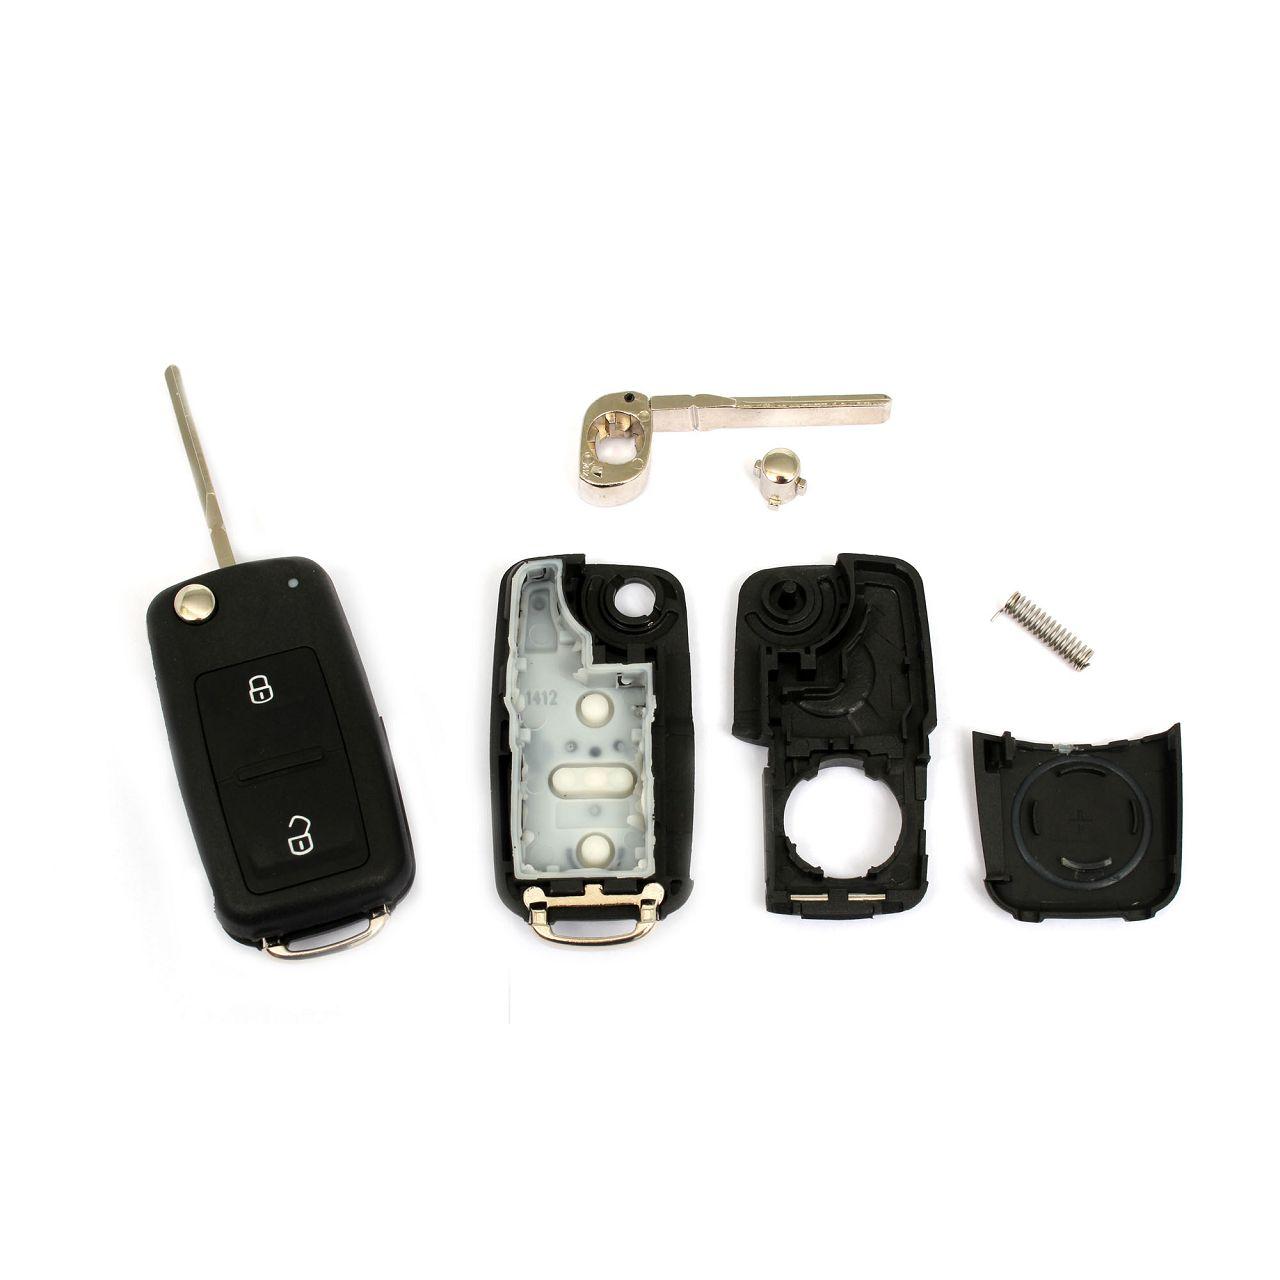 1x Schlüsselgehäuse + Schlüsselrohling 2-Tasten für VW Bora Caddy 3 Golf 4